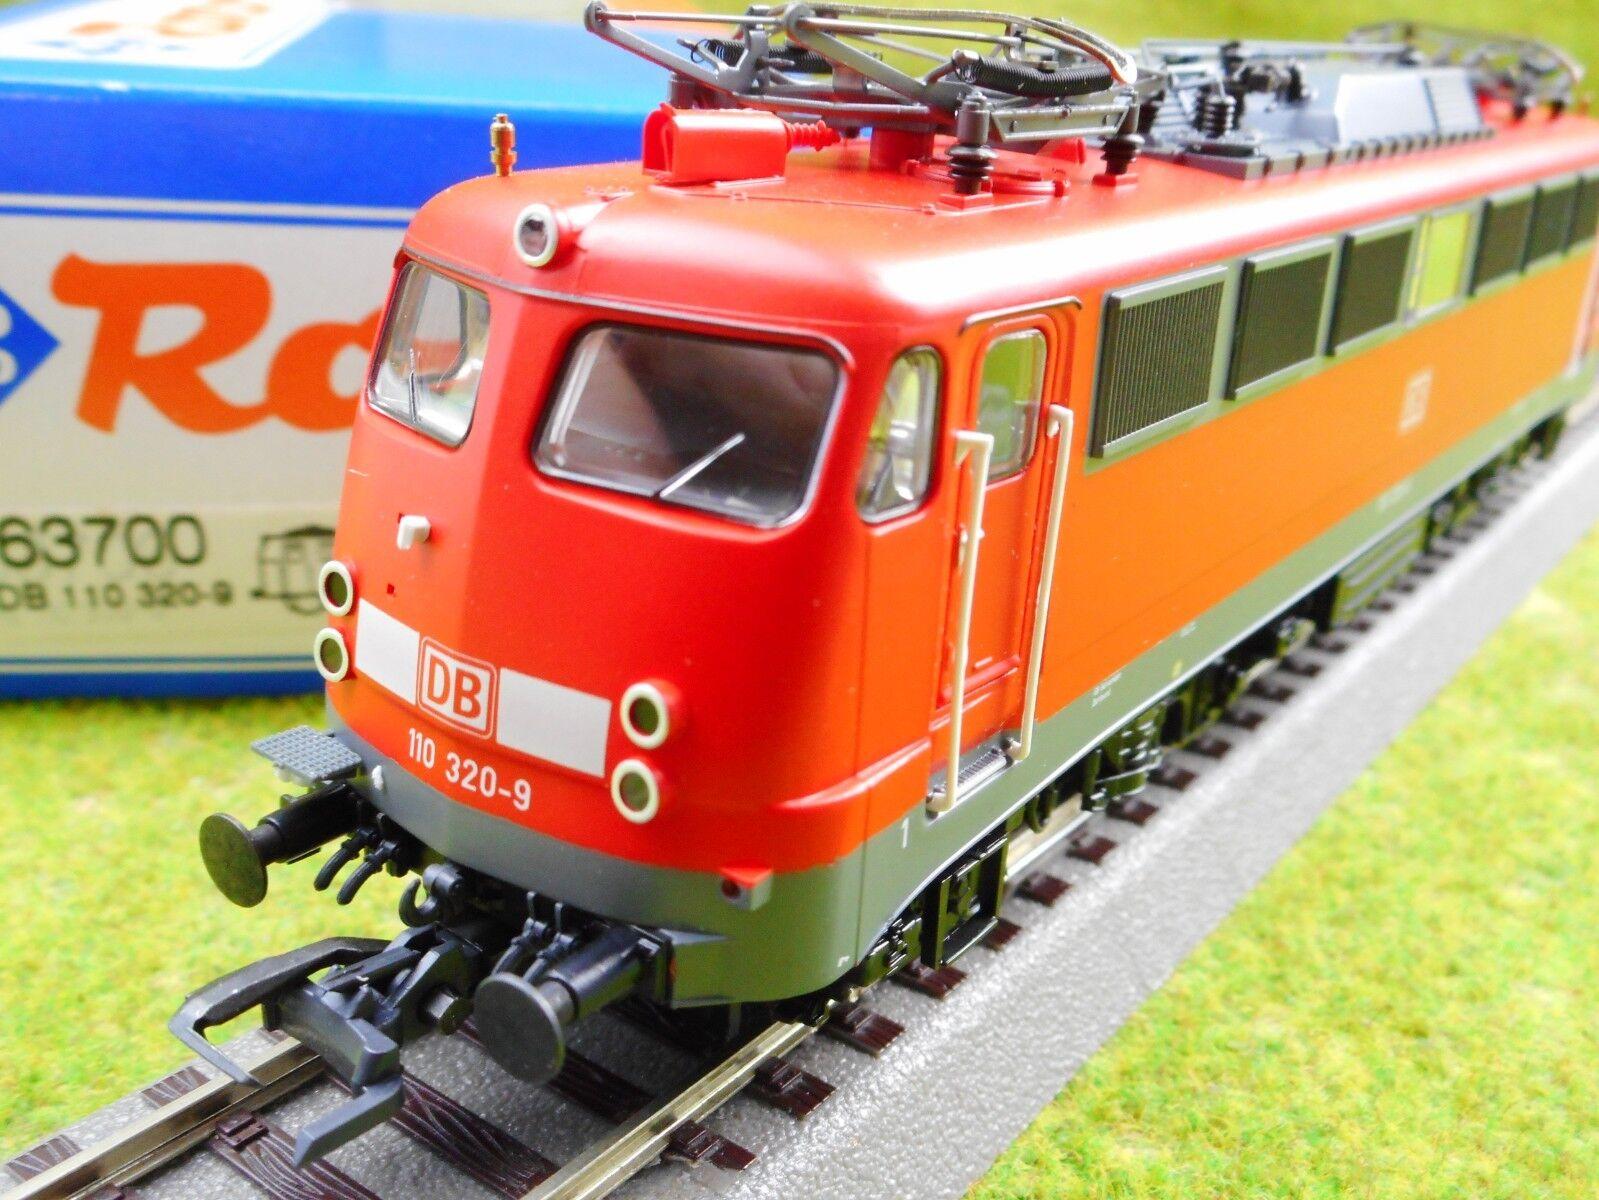 B11 ROCO h0 63700 E-Lok DB rosso 110 320-9 Luce Cambio Ovp Top